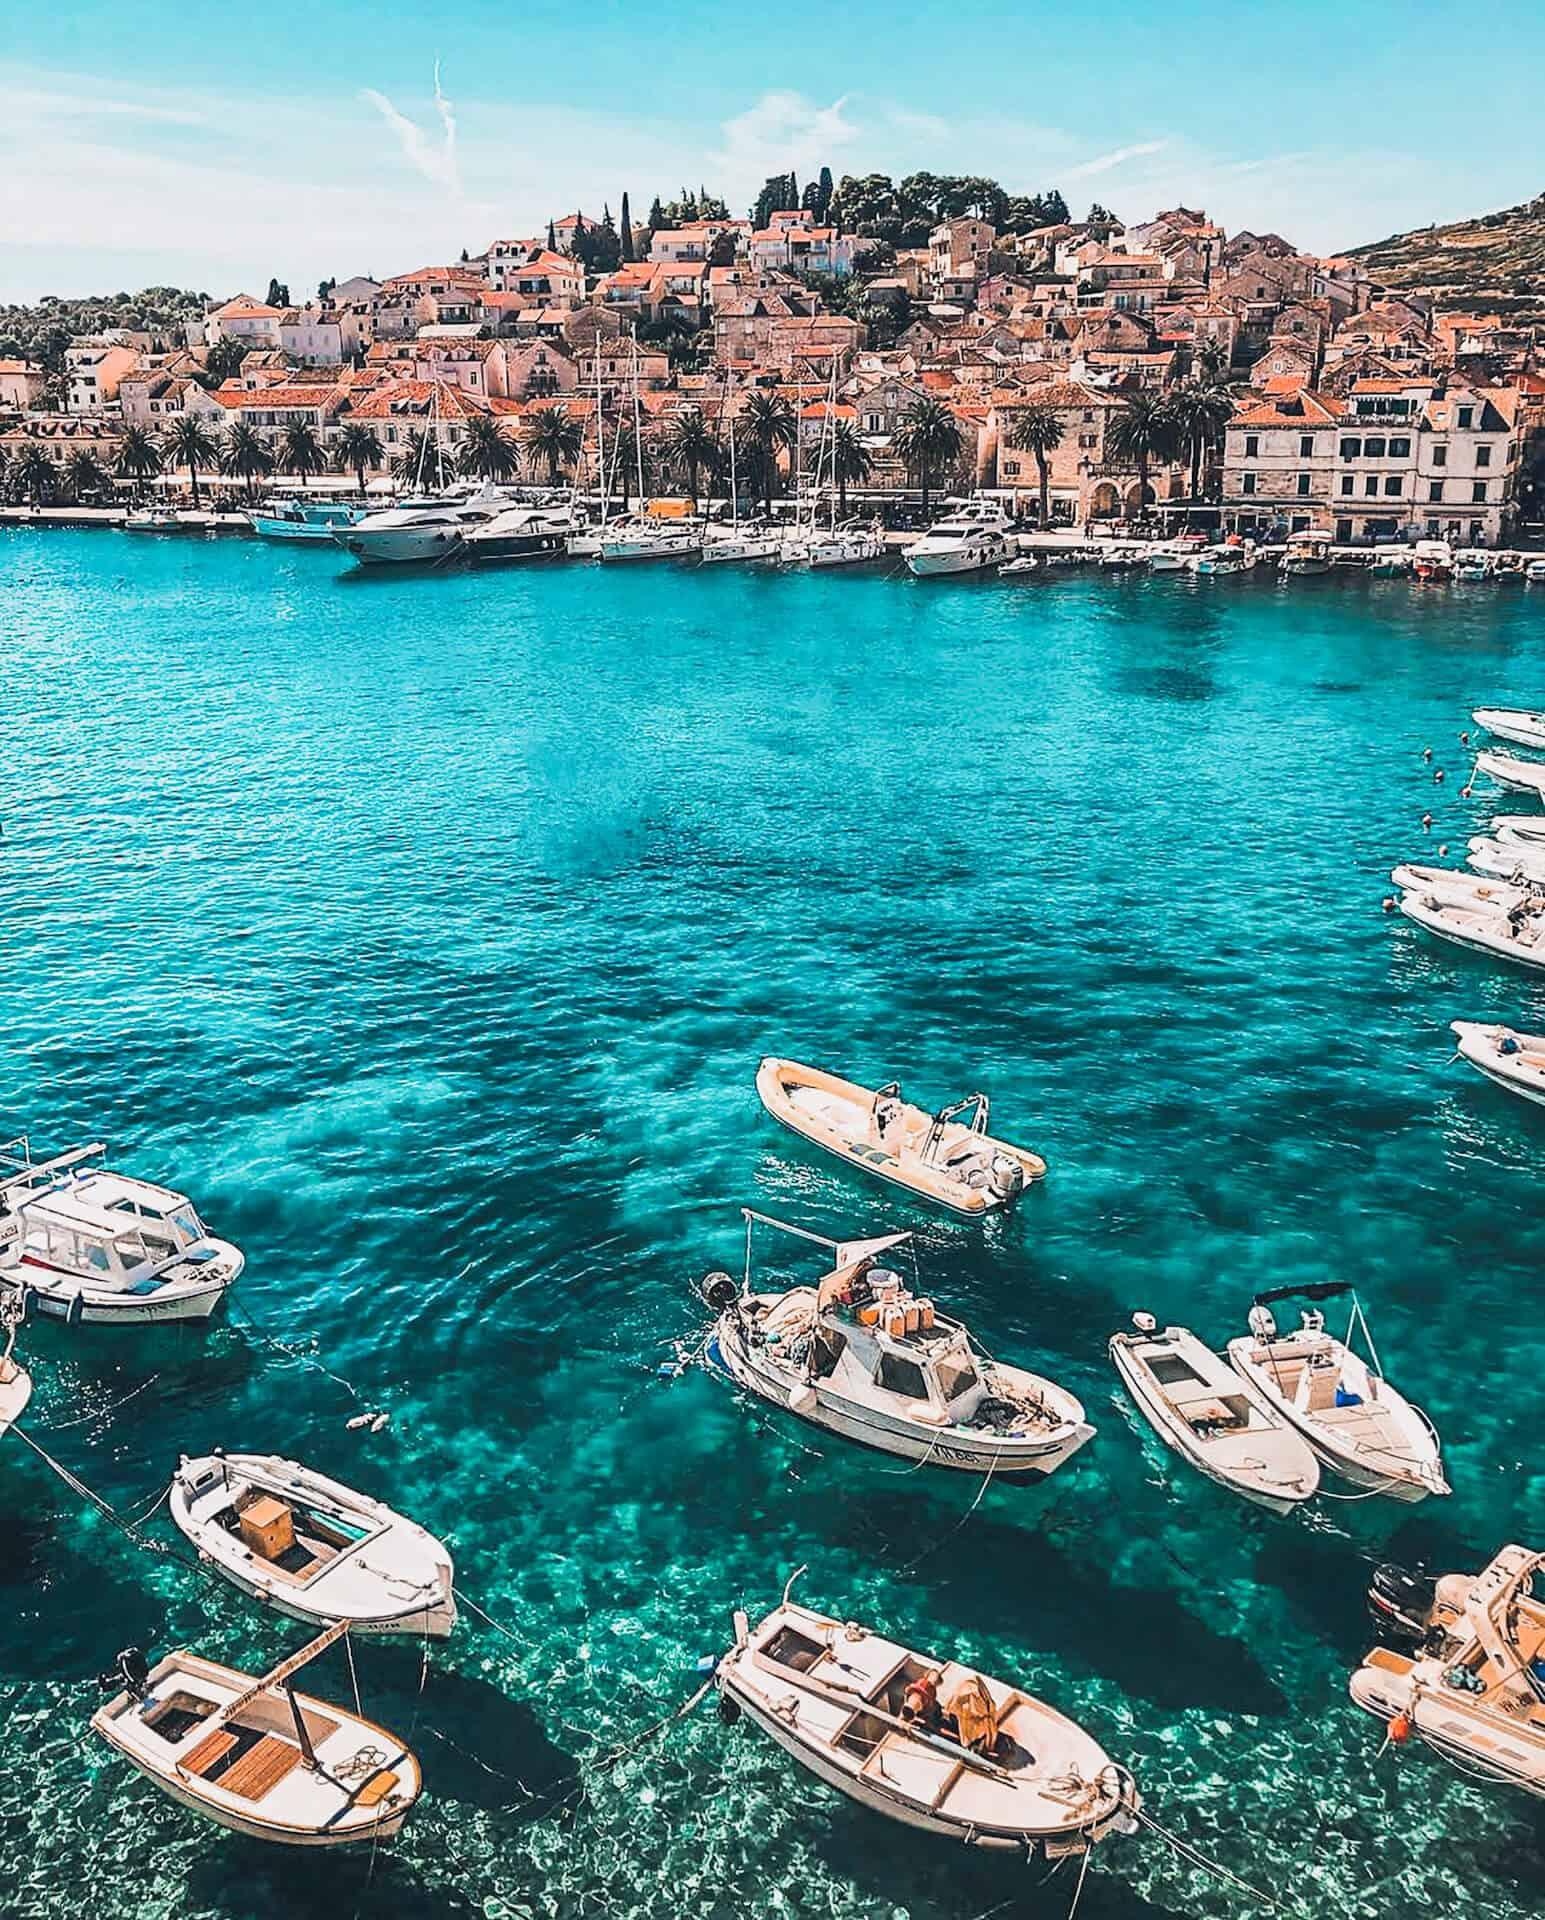 mejores playas de Croacia split